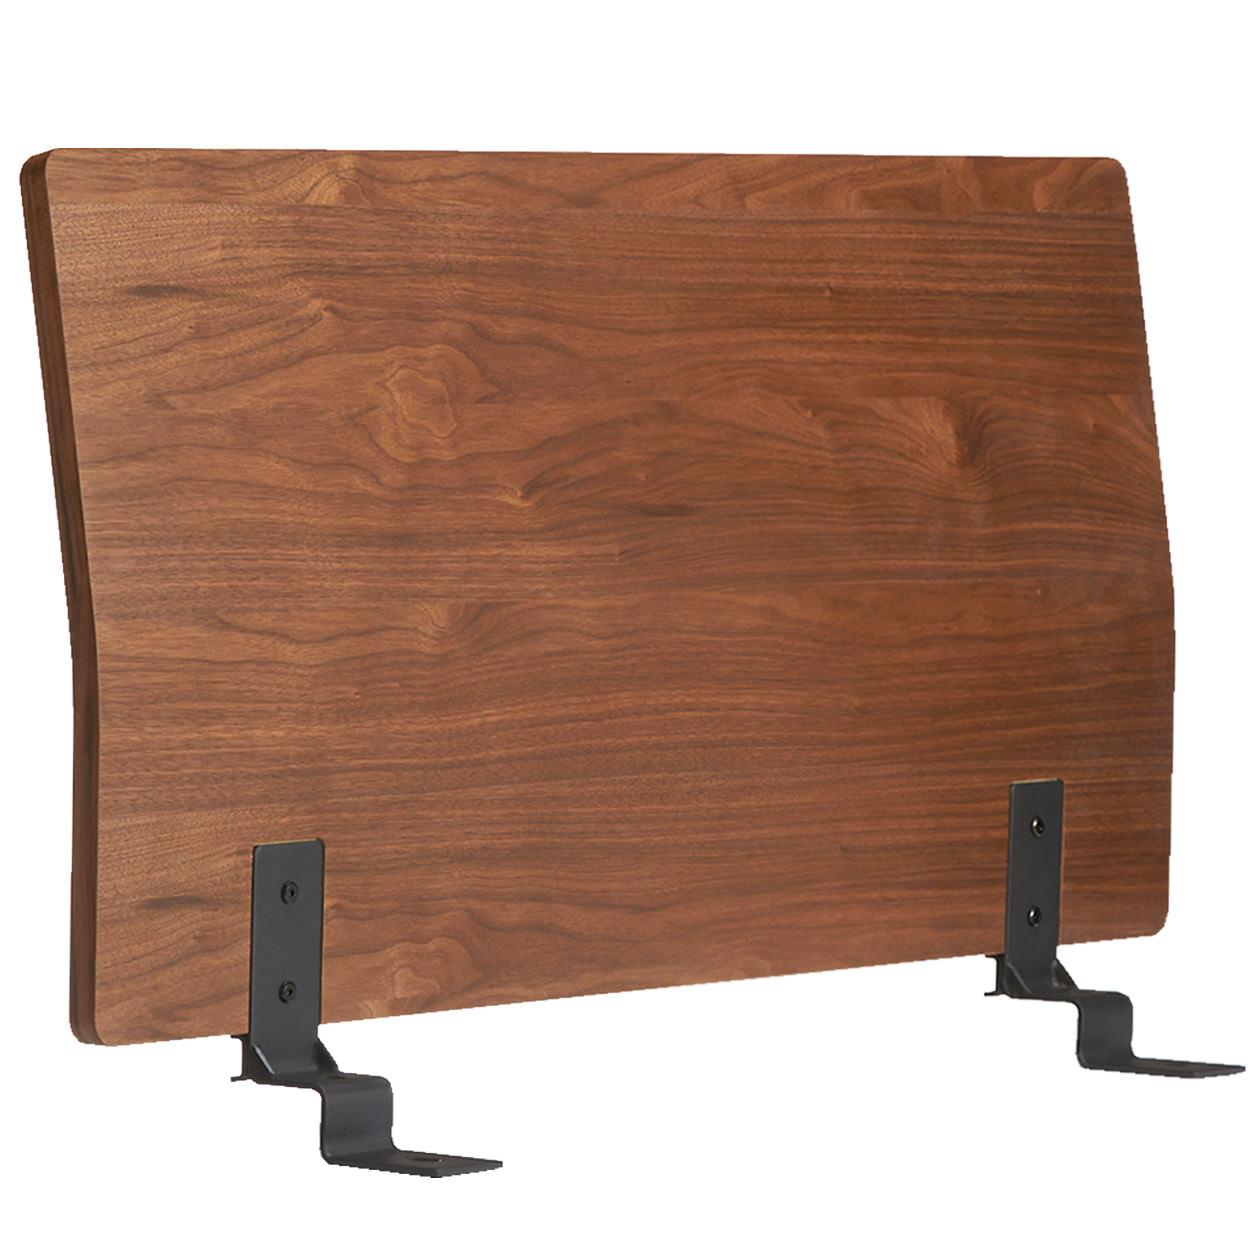 RoomClip商品情報 - ベッドフレーム用ヘッドボード・シングル・ウォールナット材